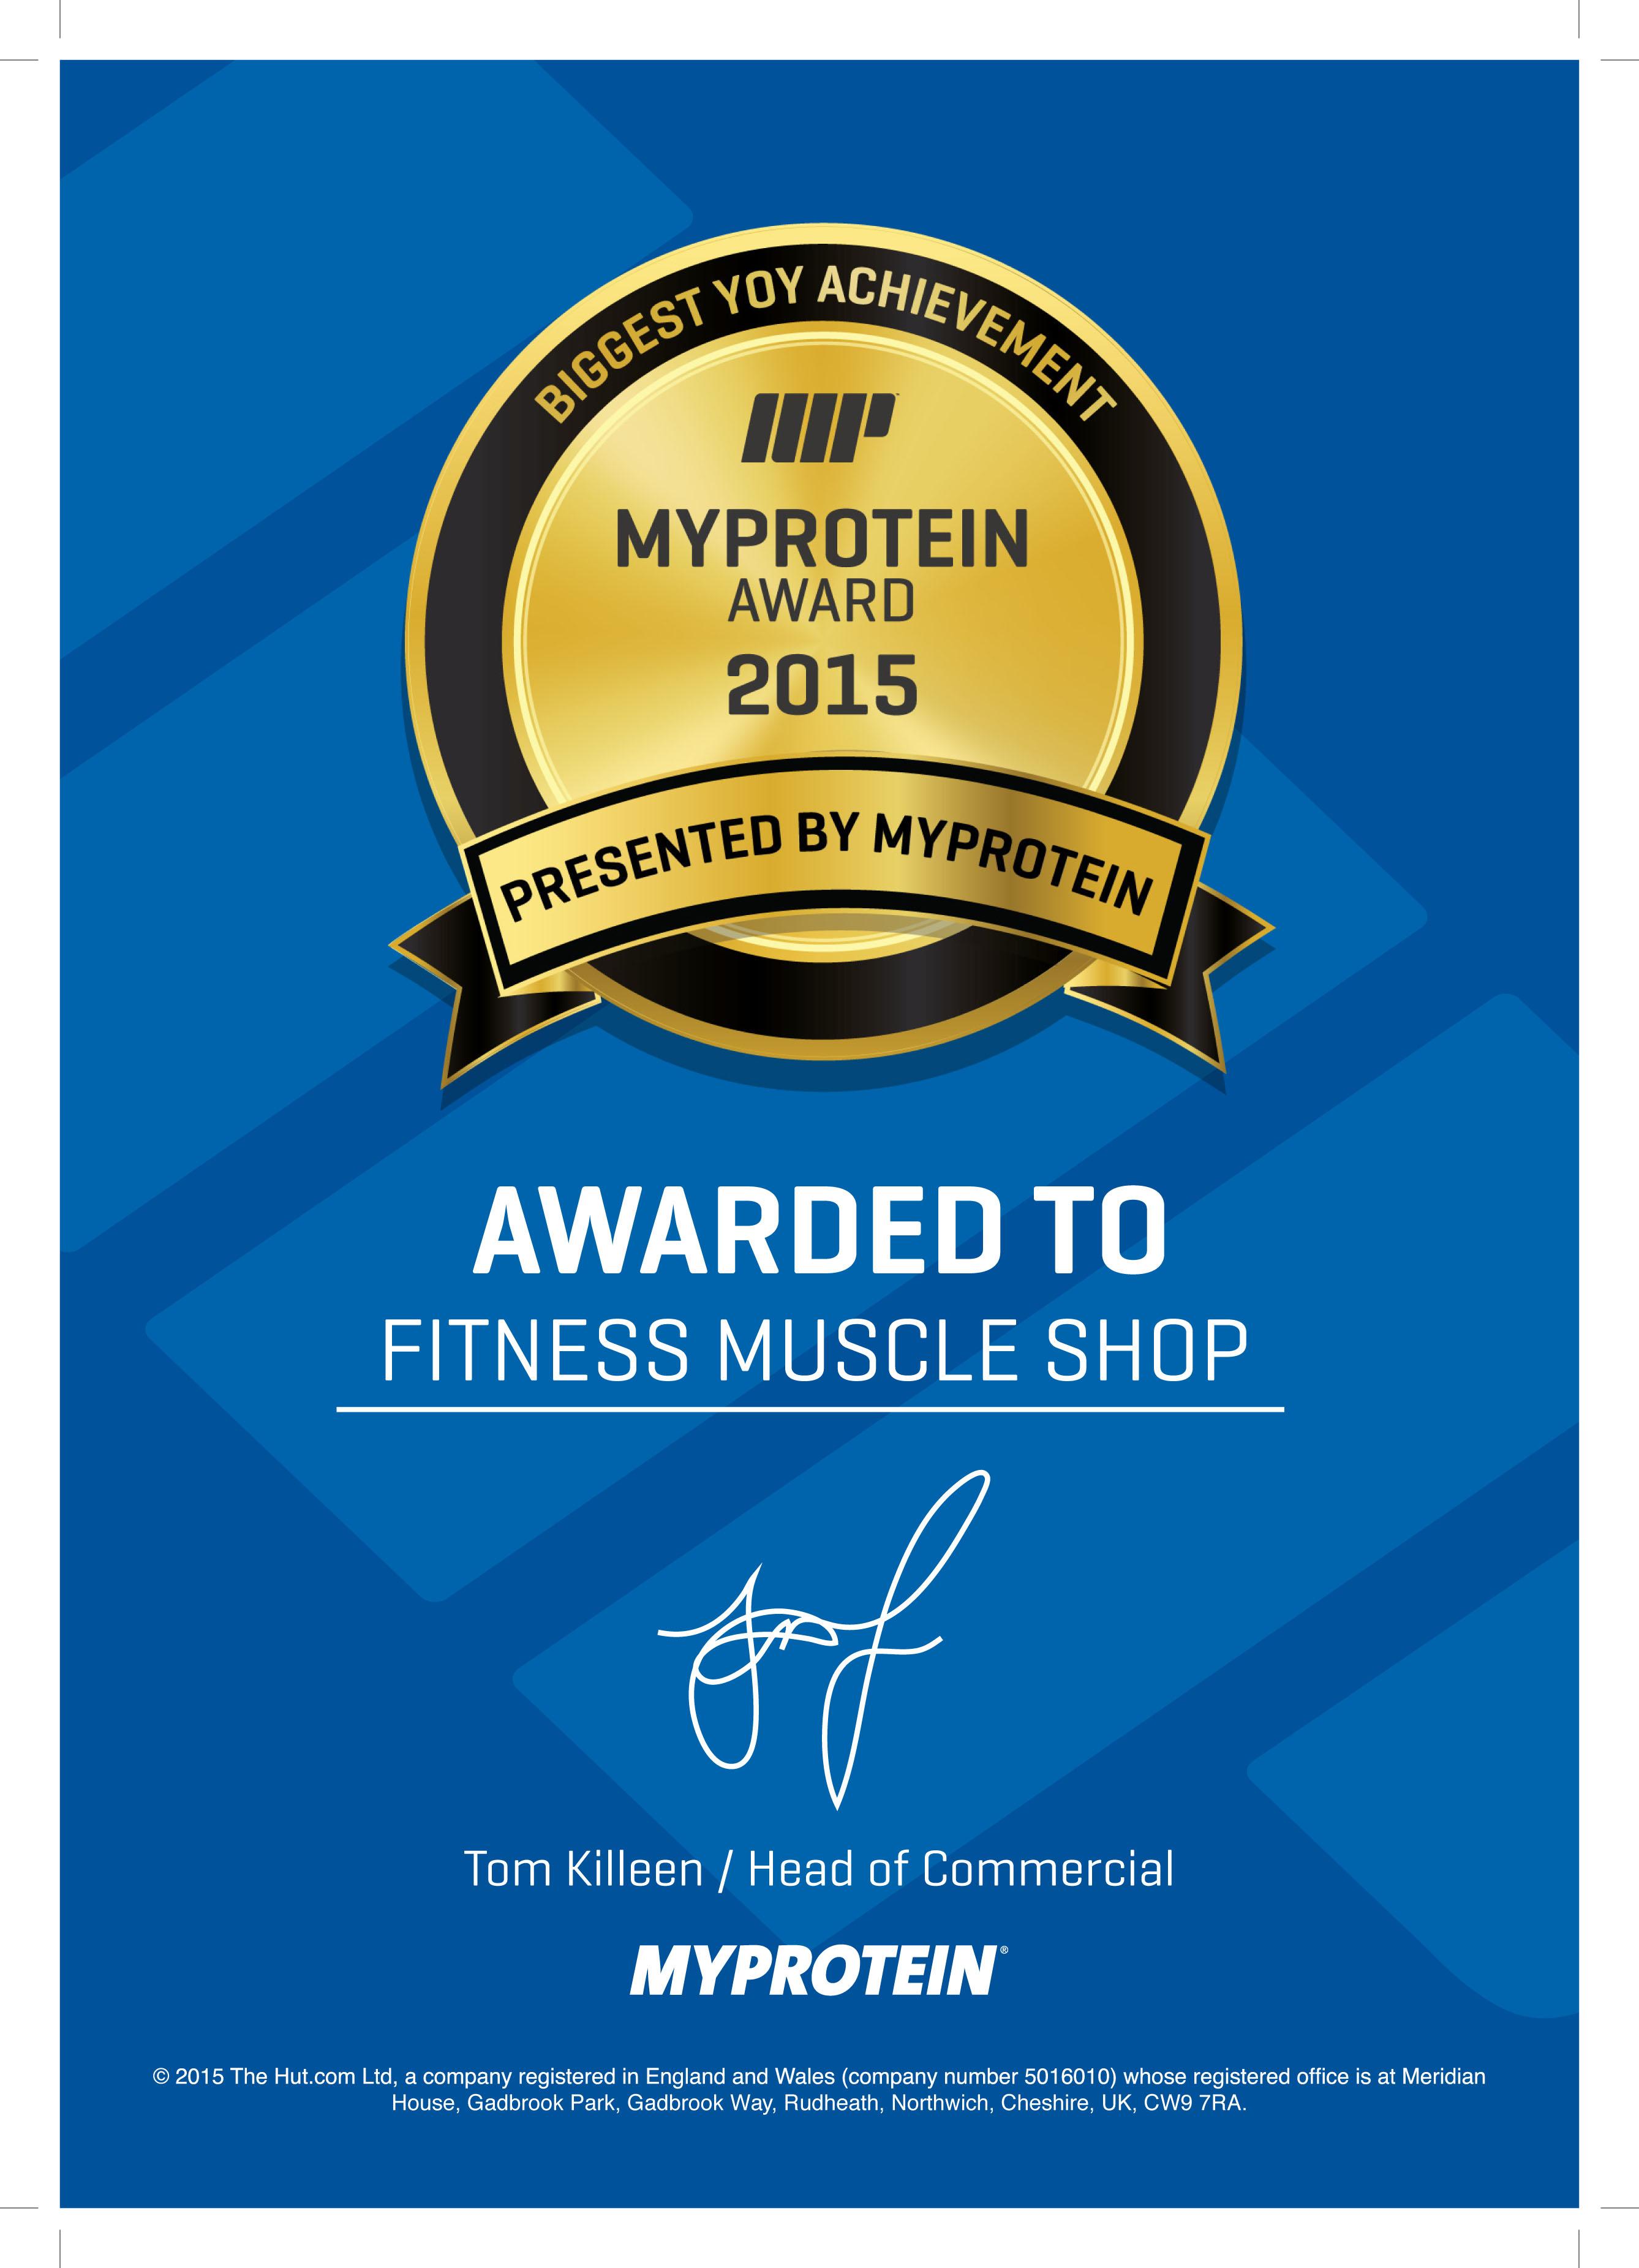 Nejlepší obchodník roku firmy MyProtein za rok 2015 | FitnessMuscle.eu